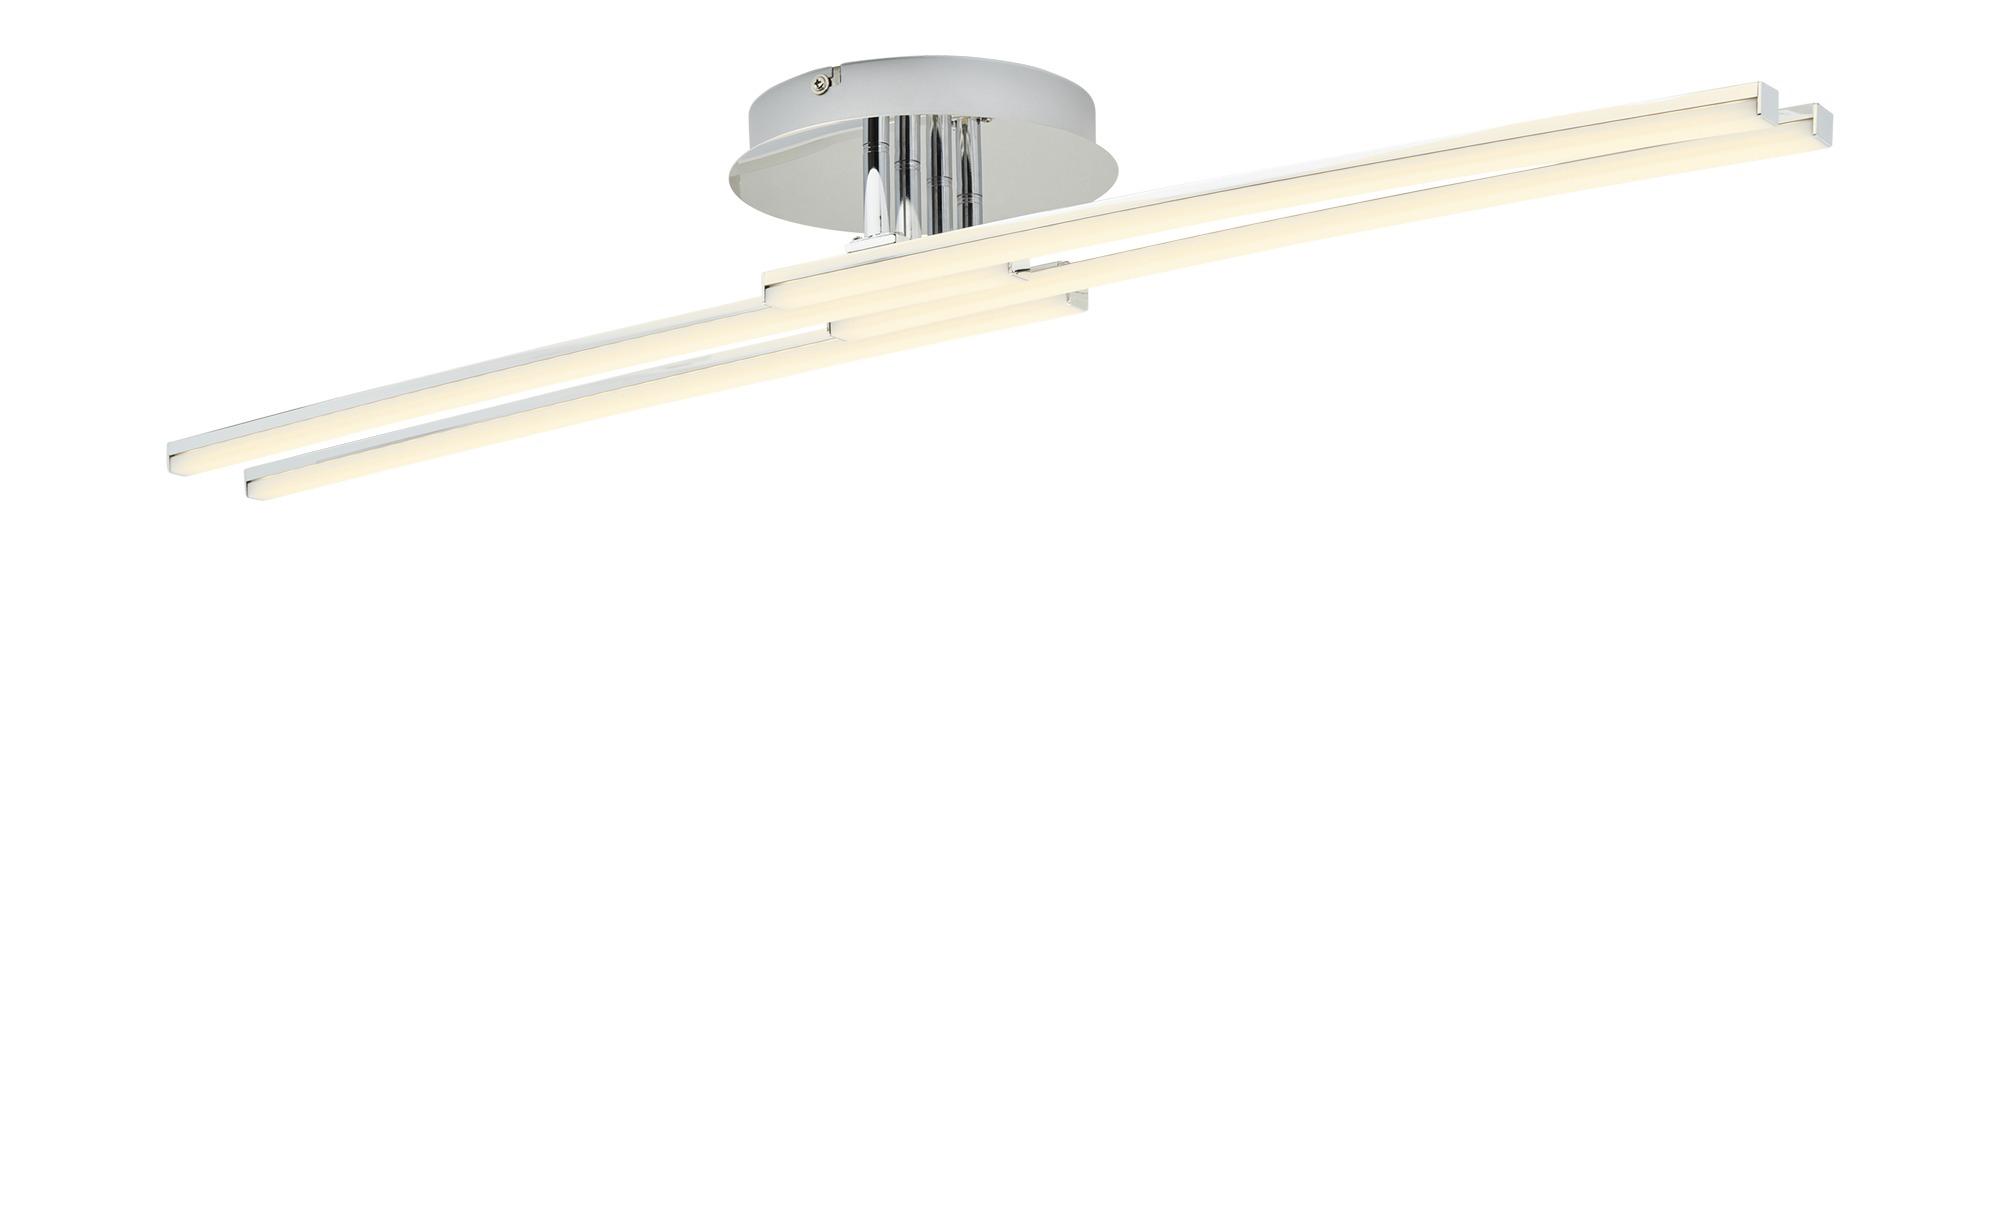 KHG LED-Deckenleuchte, 4-flammig, Chrom ¦ silber ¦ Maße (cm): B: 18 H: 9 Lampen & Leuchten > Innenleuchten > Deckenleuchten - Höffner